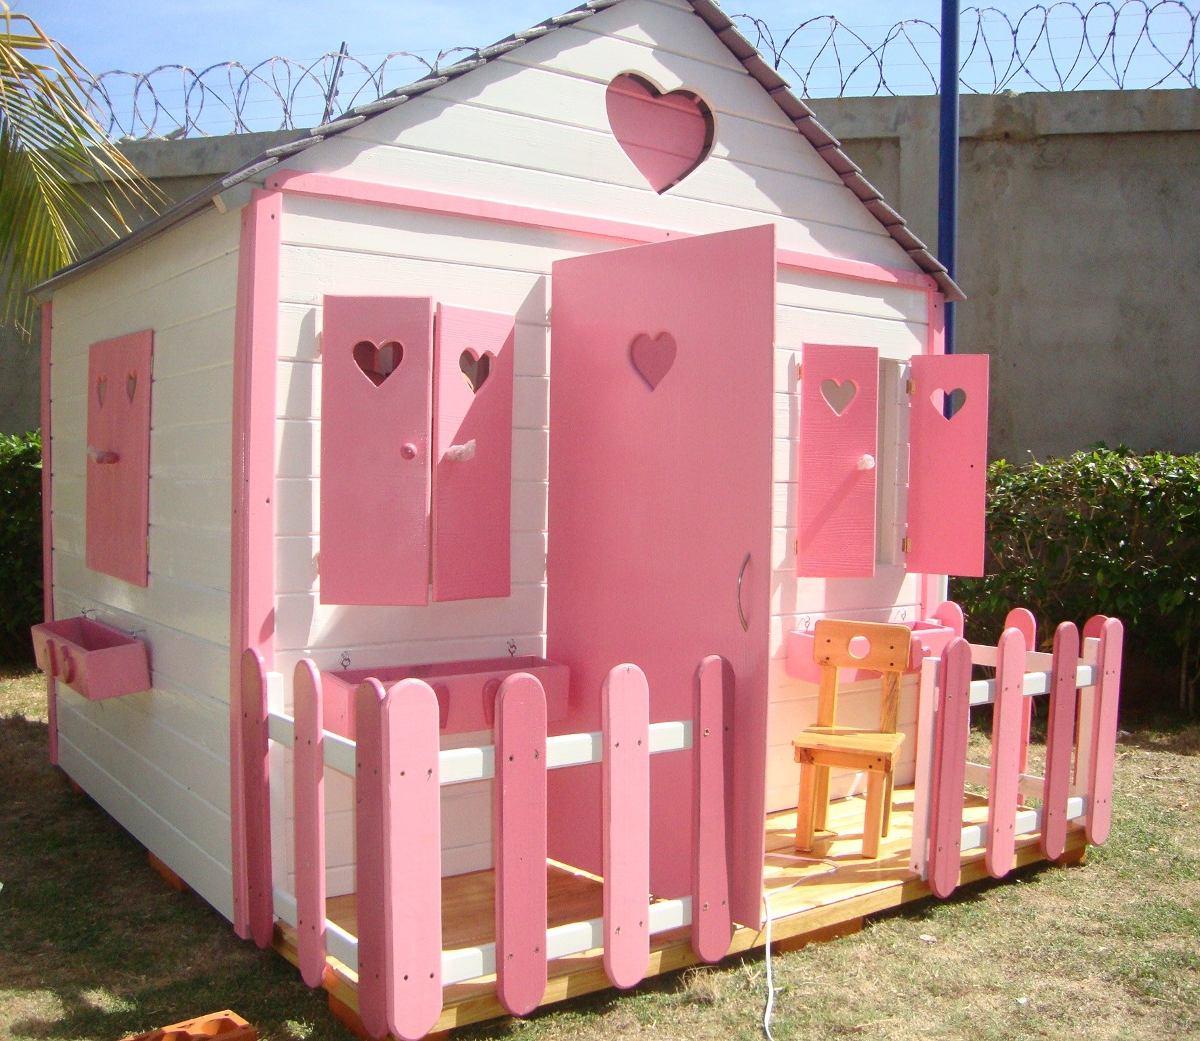 Casa ni as juguete grande madera para jardines bs for Casas de juguete para jardin baratas